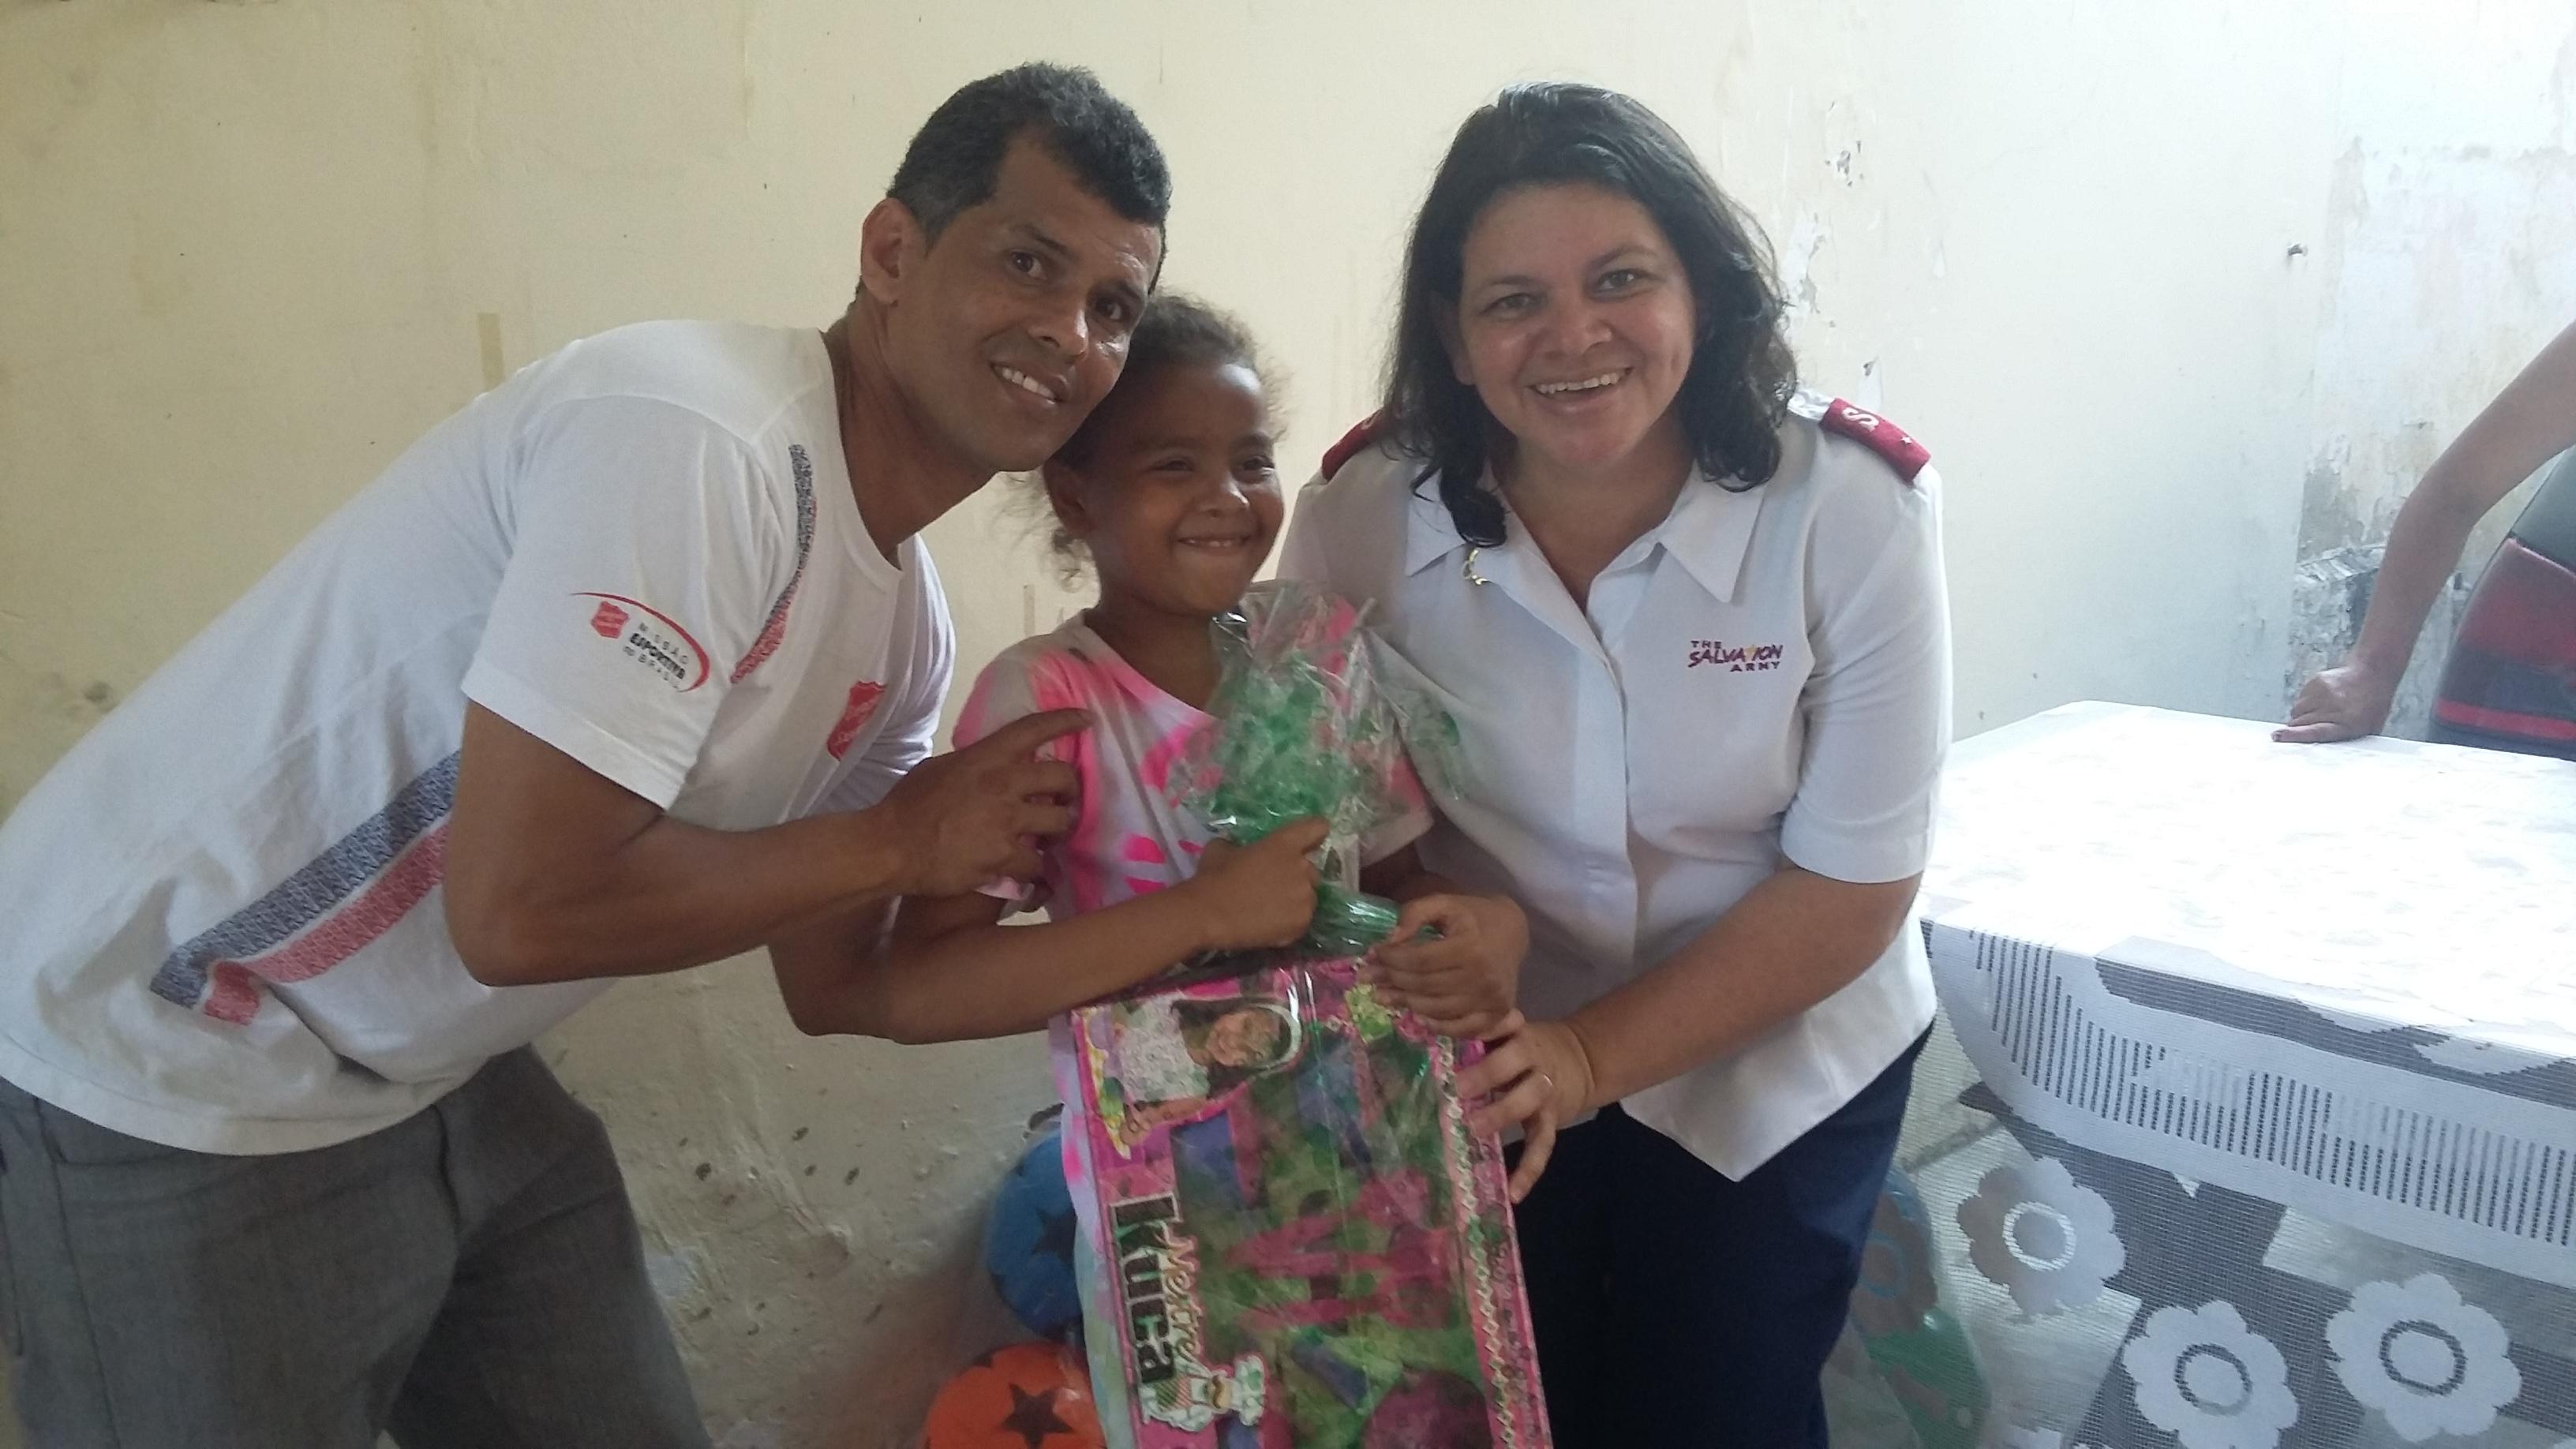 Criança recebendo brinquedo